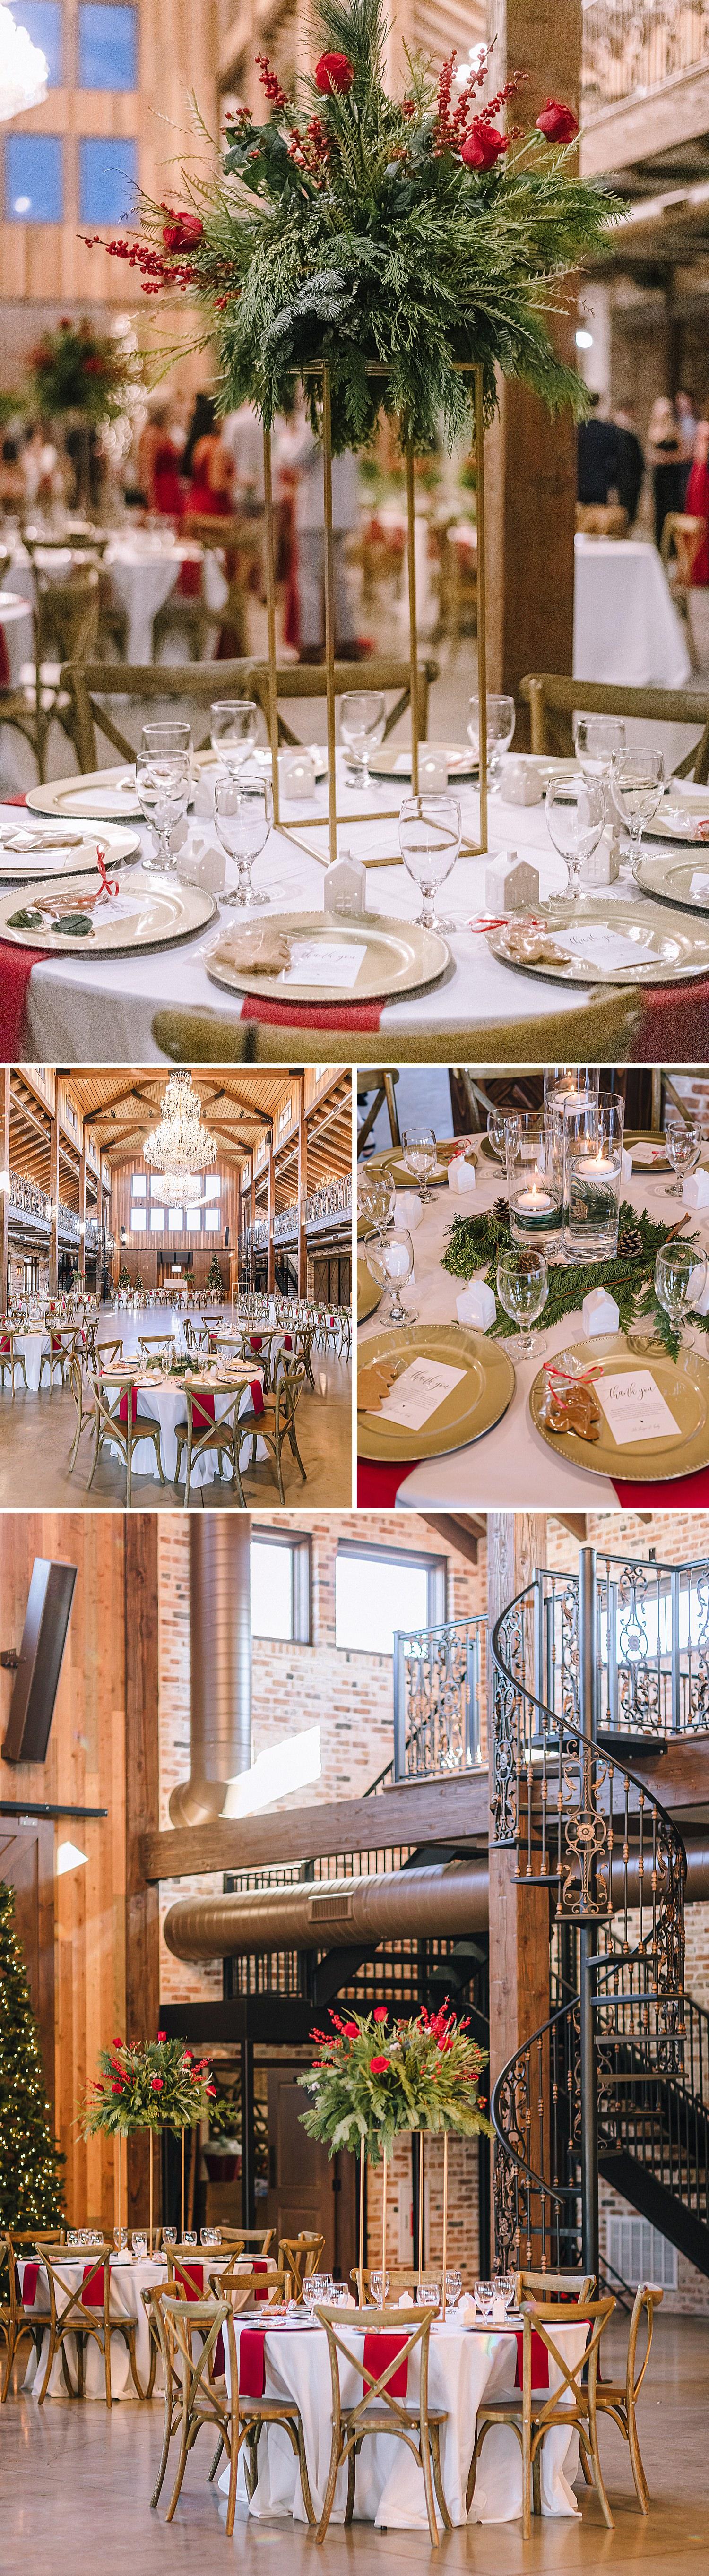 College-Station-Aggie-Wedding-The-Weinberg-at-Wixon-Valley-Christmas-Hallmark-Wedding_0013.jpg